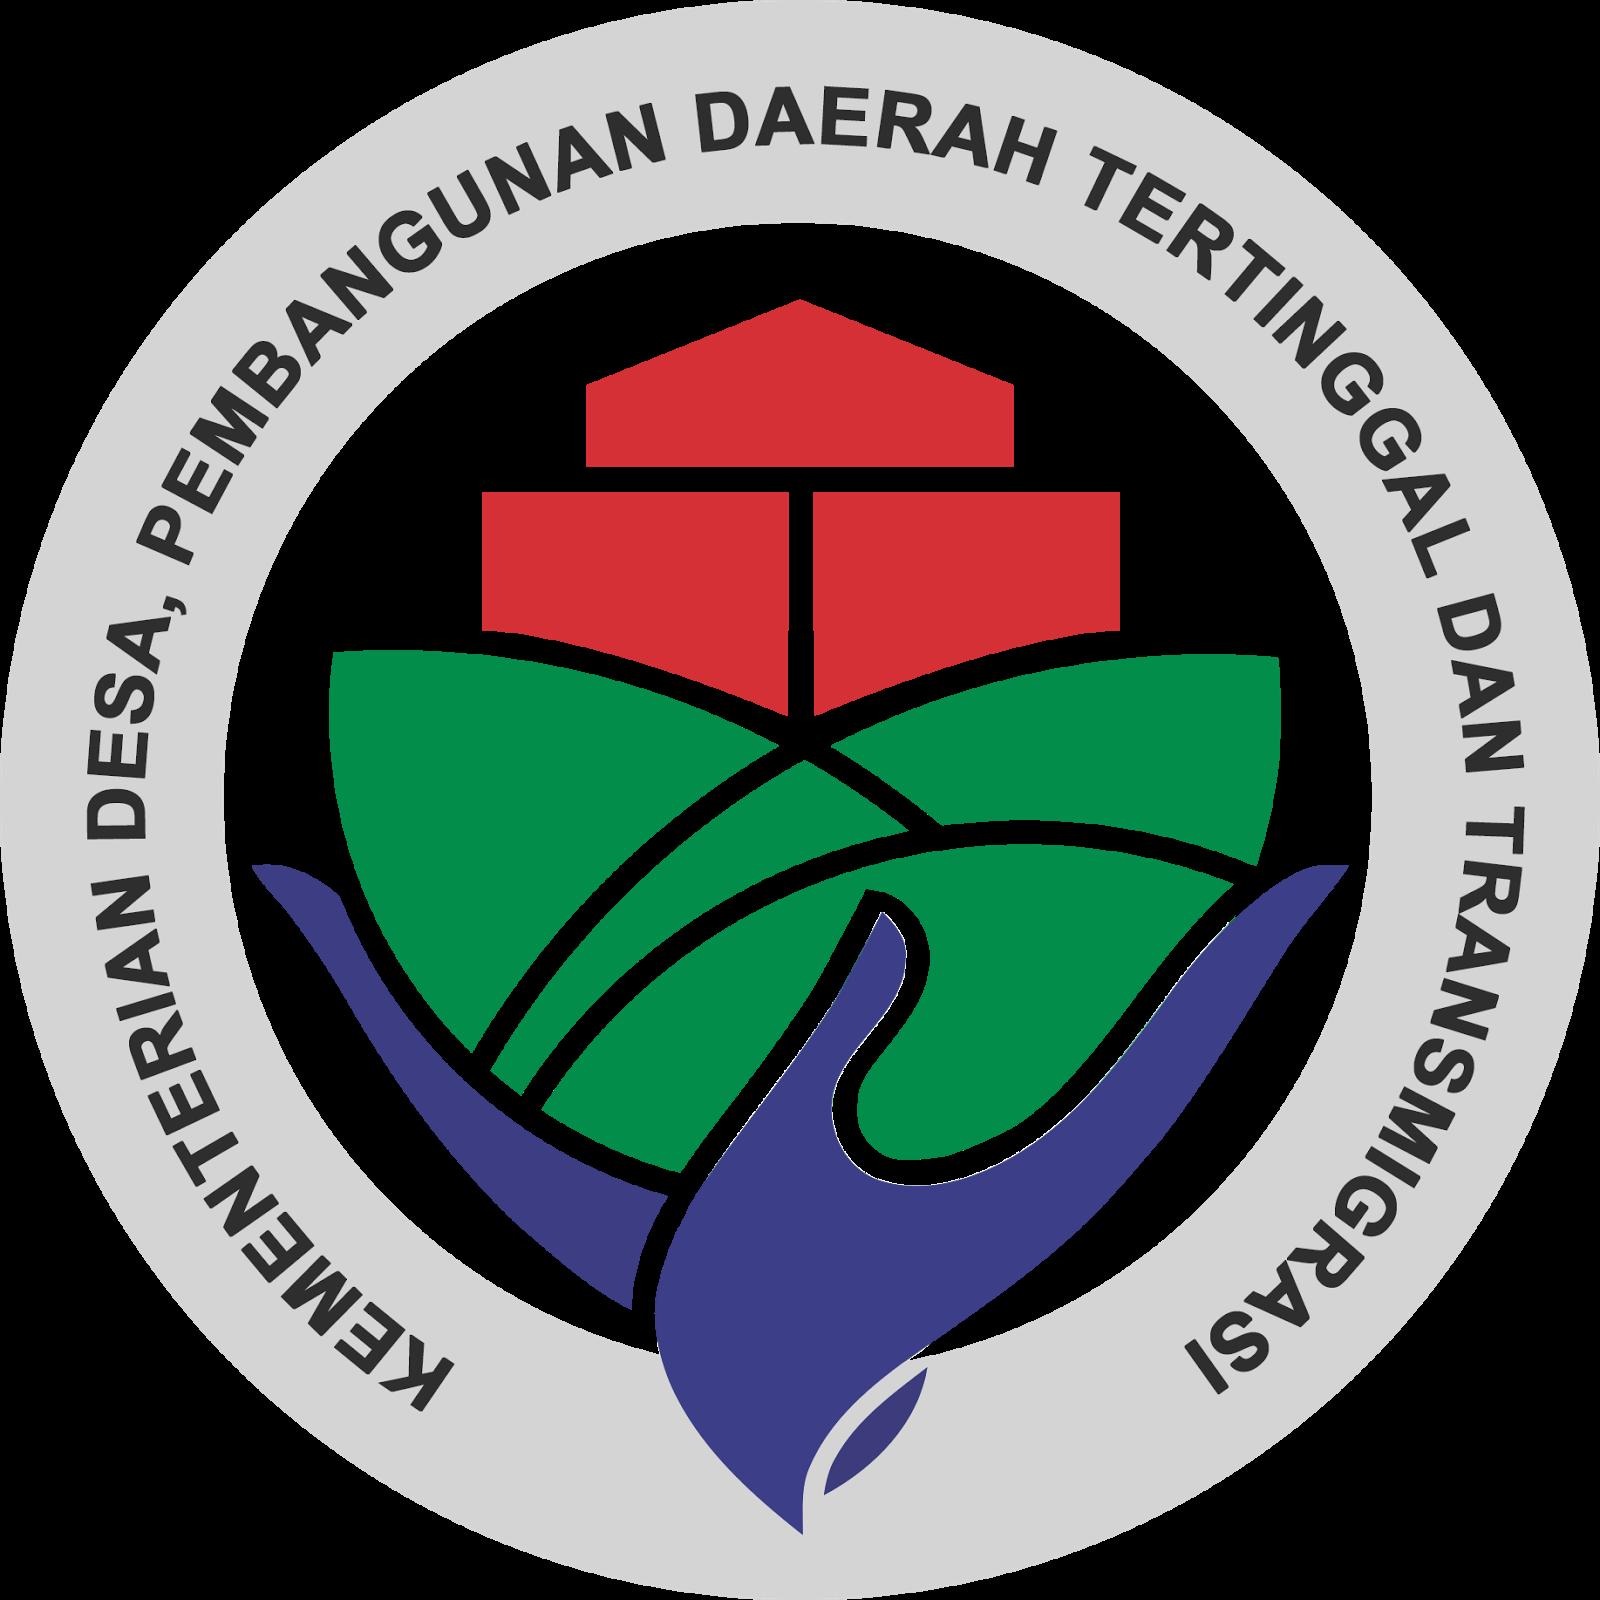 Logo Kementerian Desa, Pembangunan Daerah Tertinggal, dan Transmigrasi Republik Indonesia